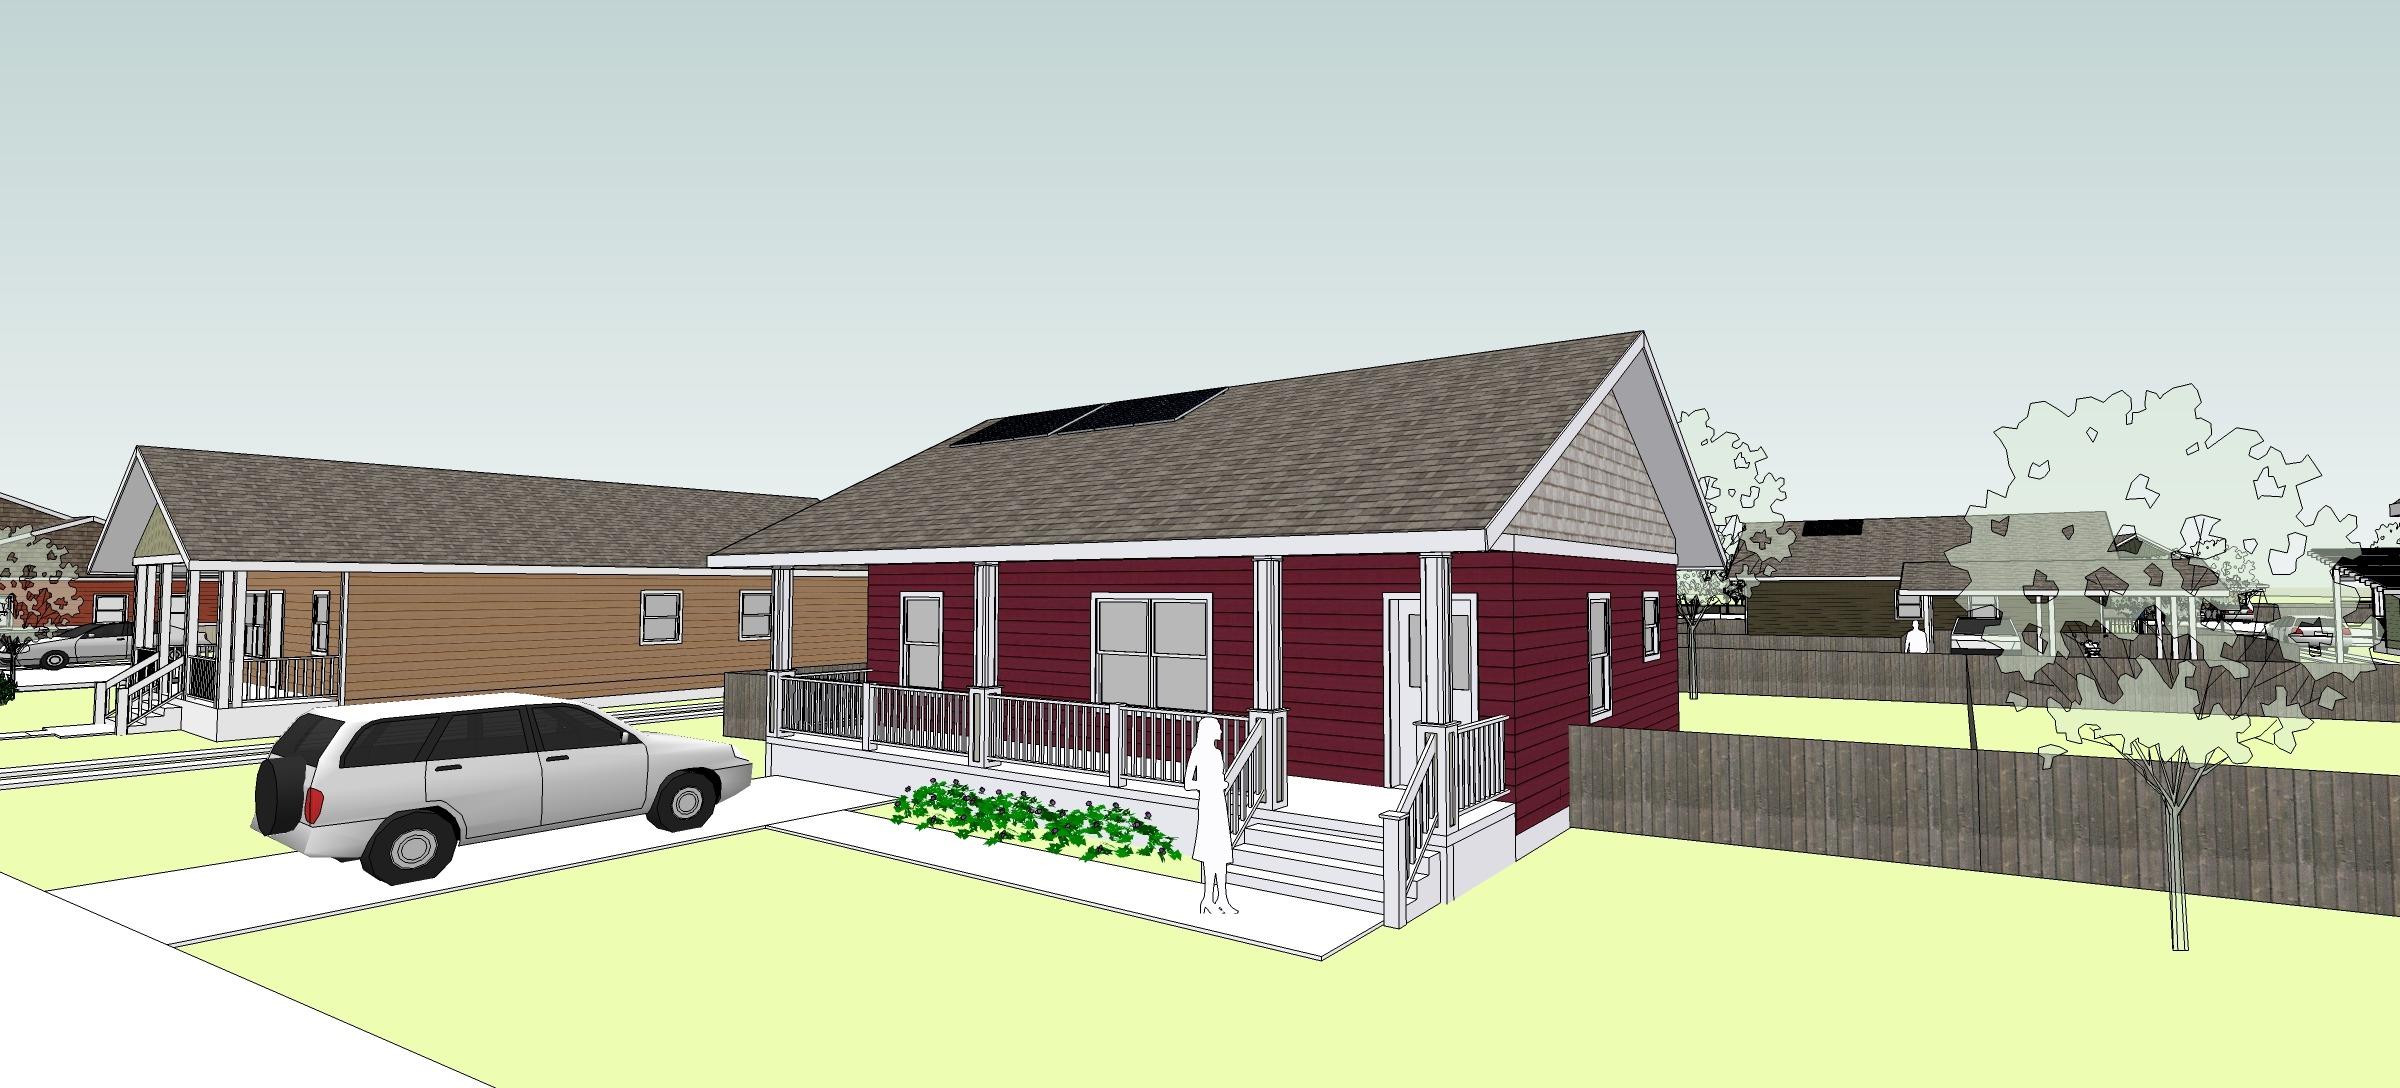 WSS-2013-09-05-PA-901-Turned Fha Hud House Plans on mercedes hud, bmw hud, game hud, department of hud, automotive hud, mortgage hud, cadillac hud, vehicle hud, car hud, what's the logo hud,